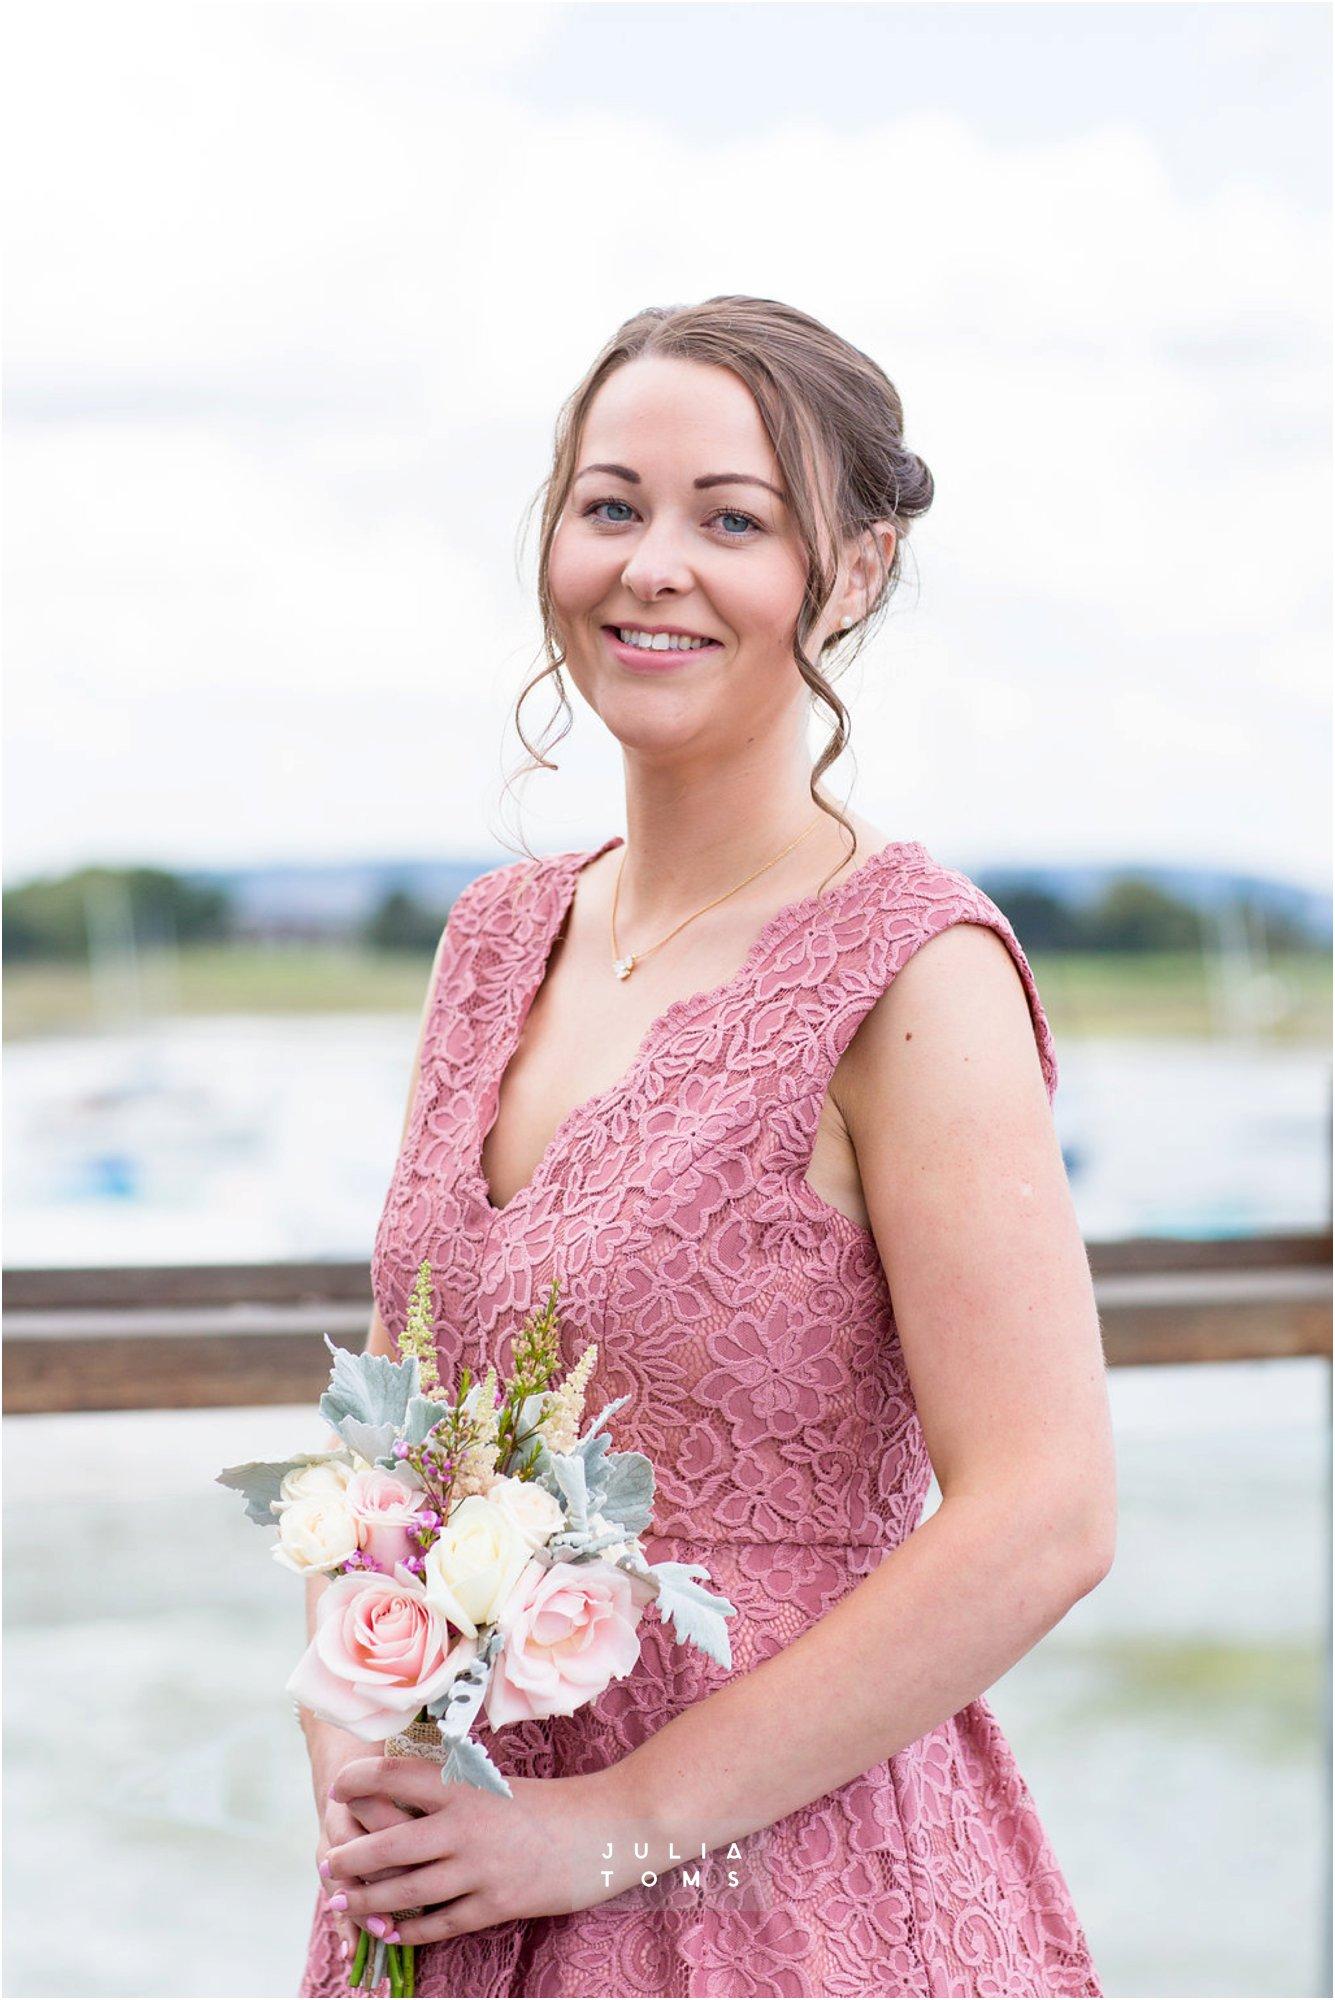 itchenor_wedding_chichester_photographer_010.jpg